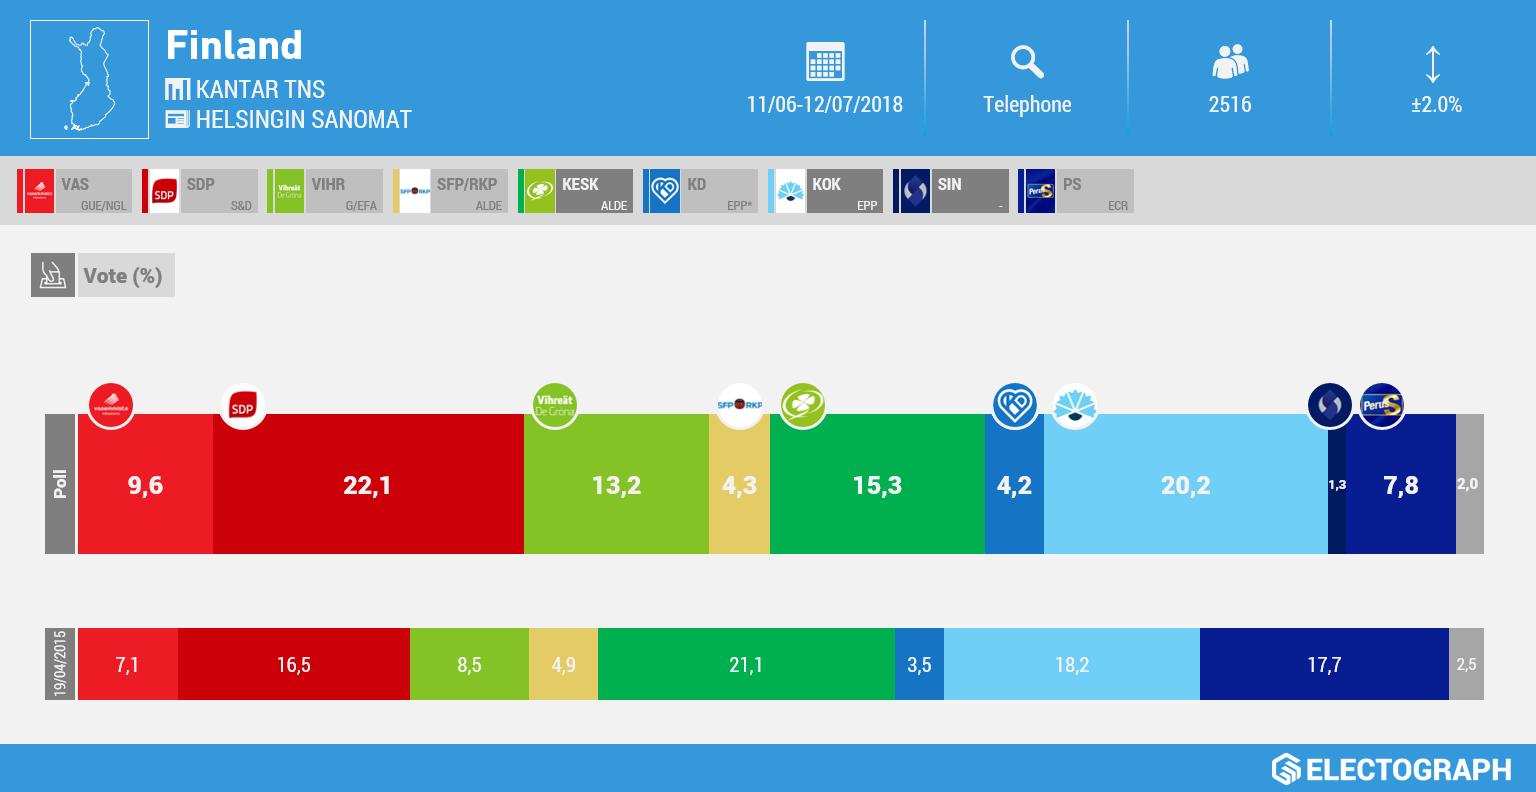 FINLAND: Kantar TNS poll chart for Helsingin Sanomat, July 2018